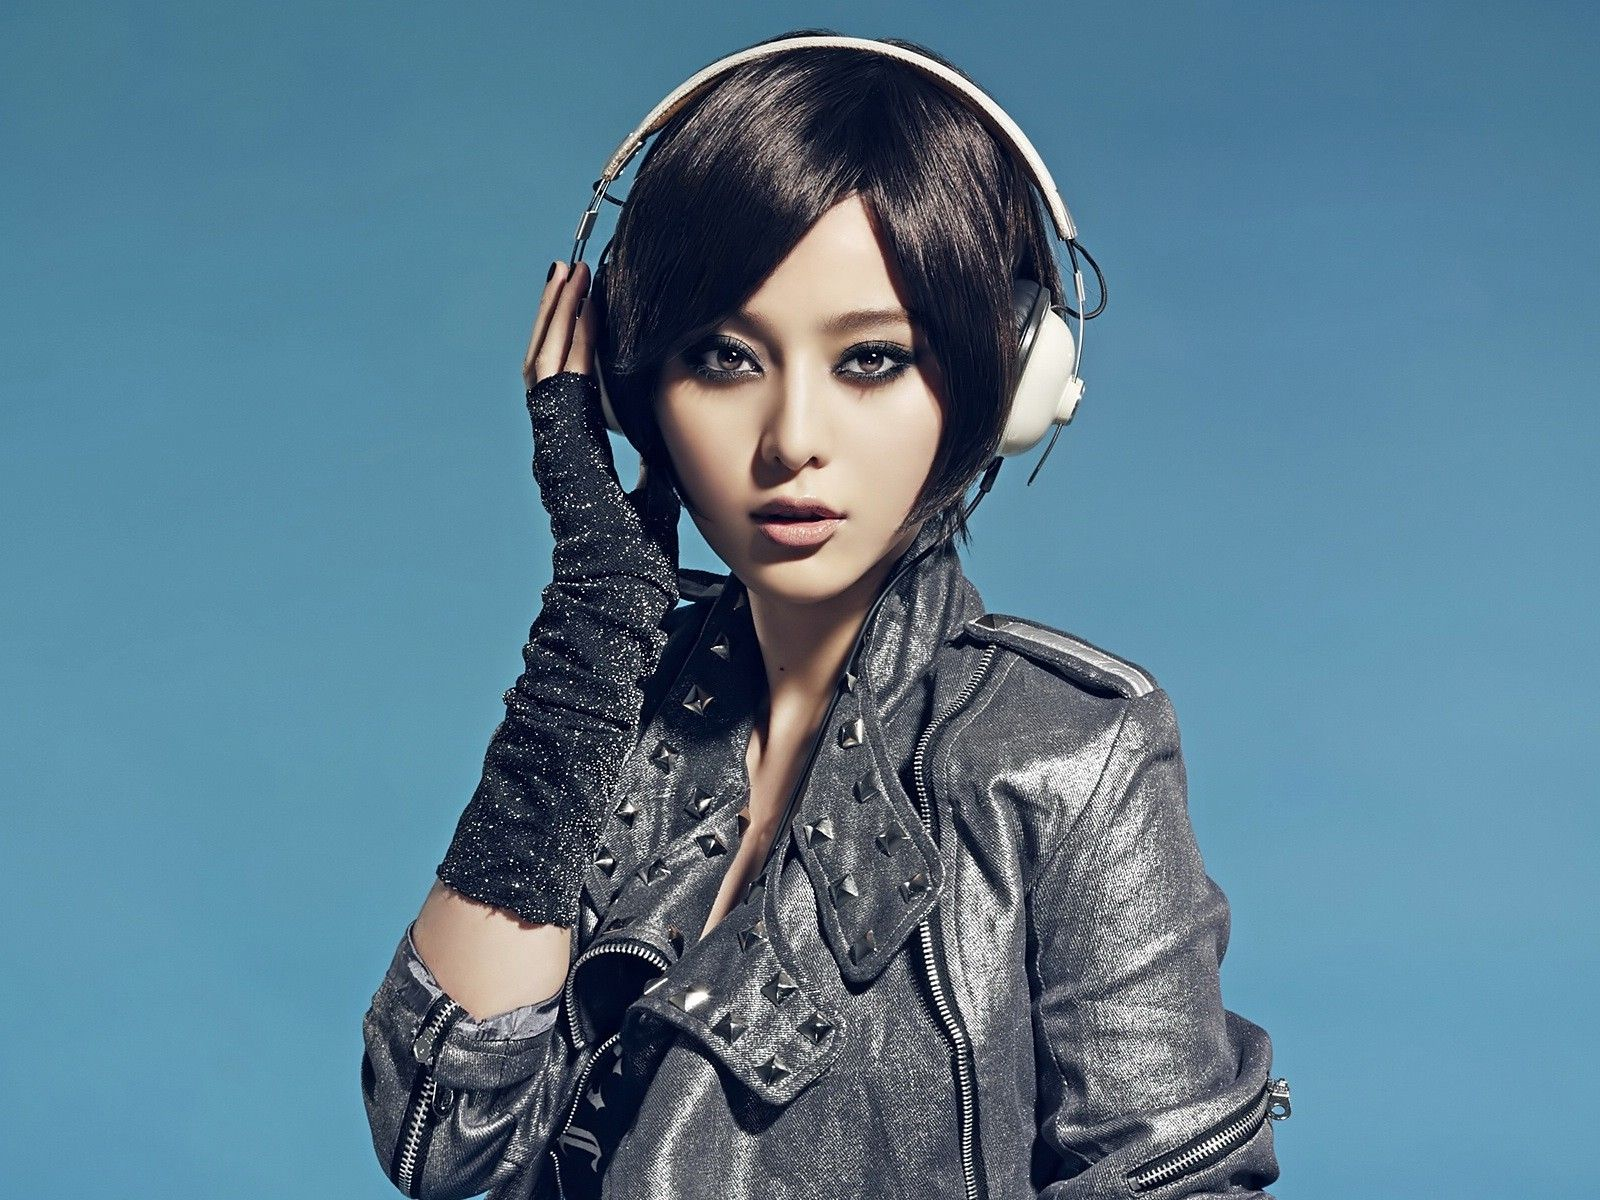 Wallpaper Women Model Long Hair Asian Singer Blue: Women Headphones Girl Asians Leather Jacket Black Hair